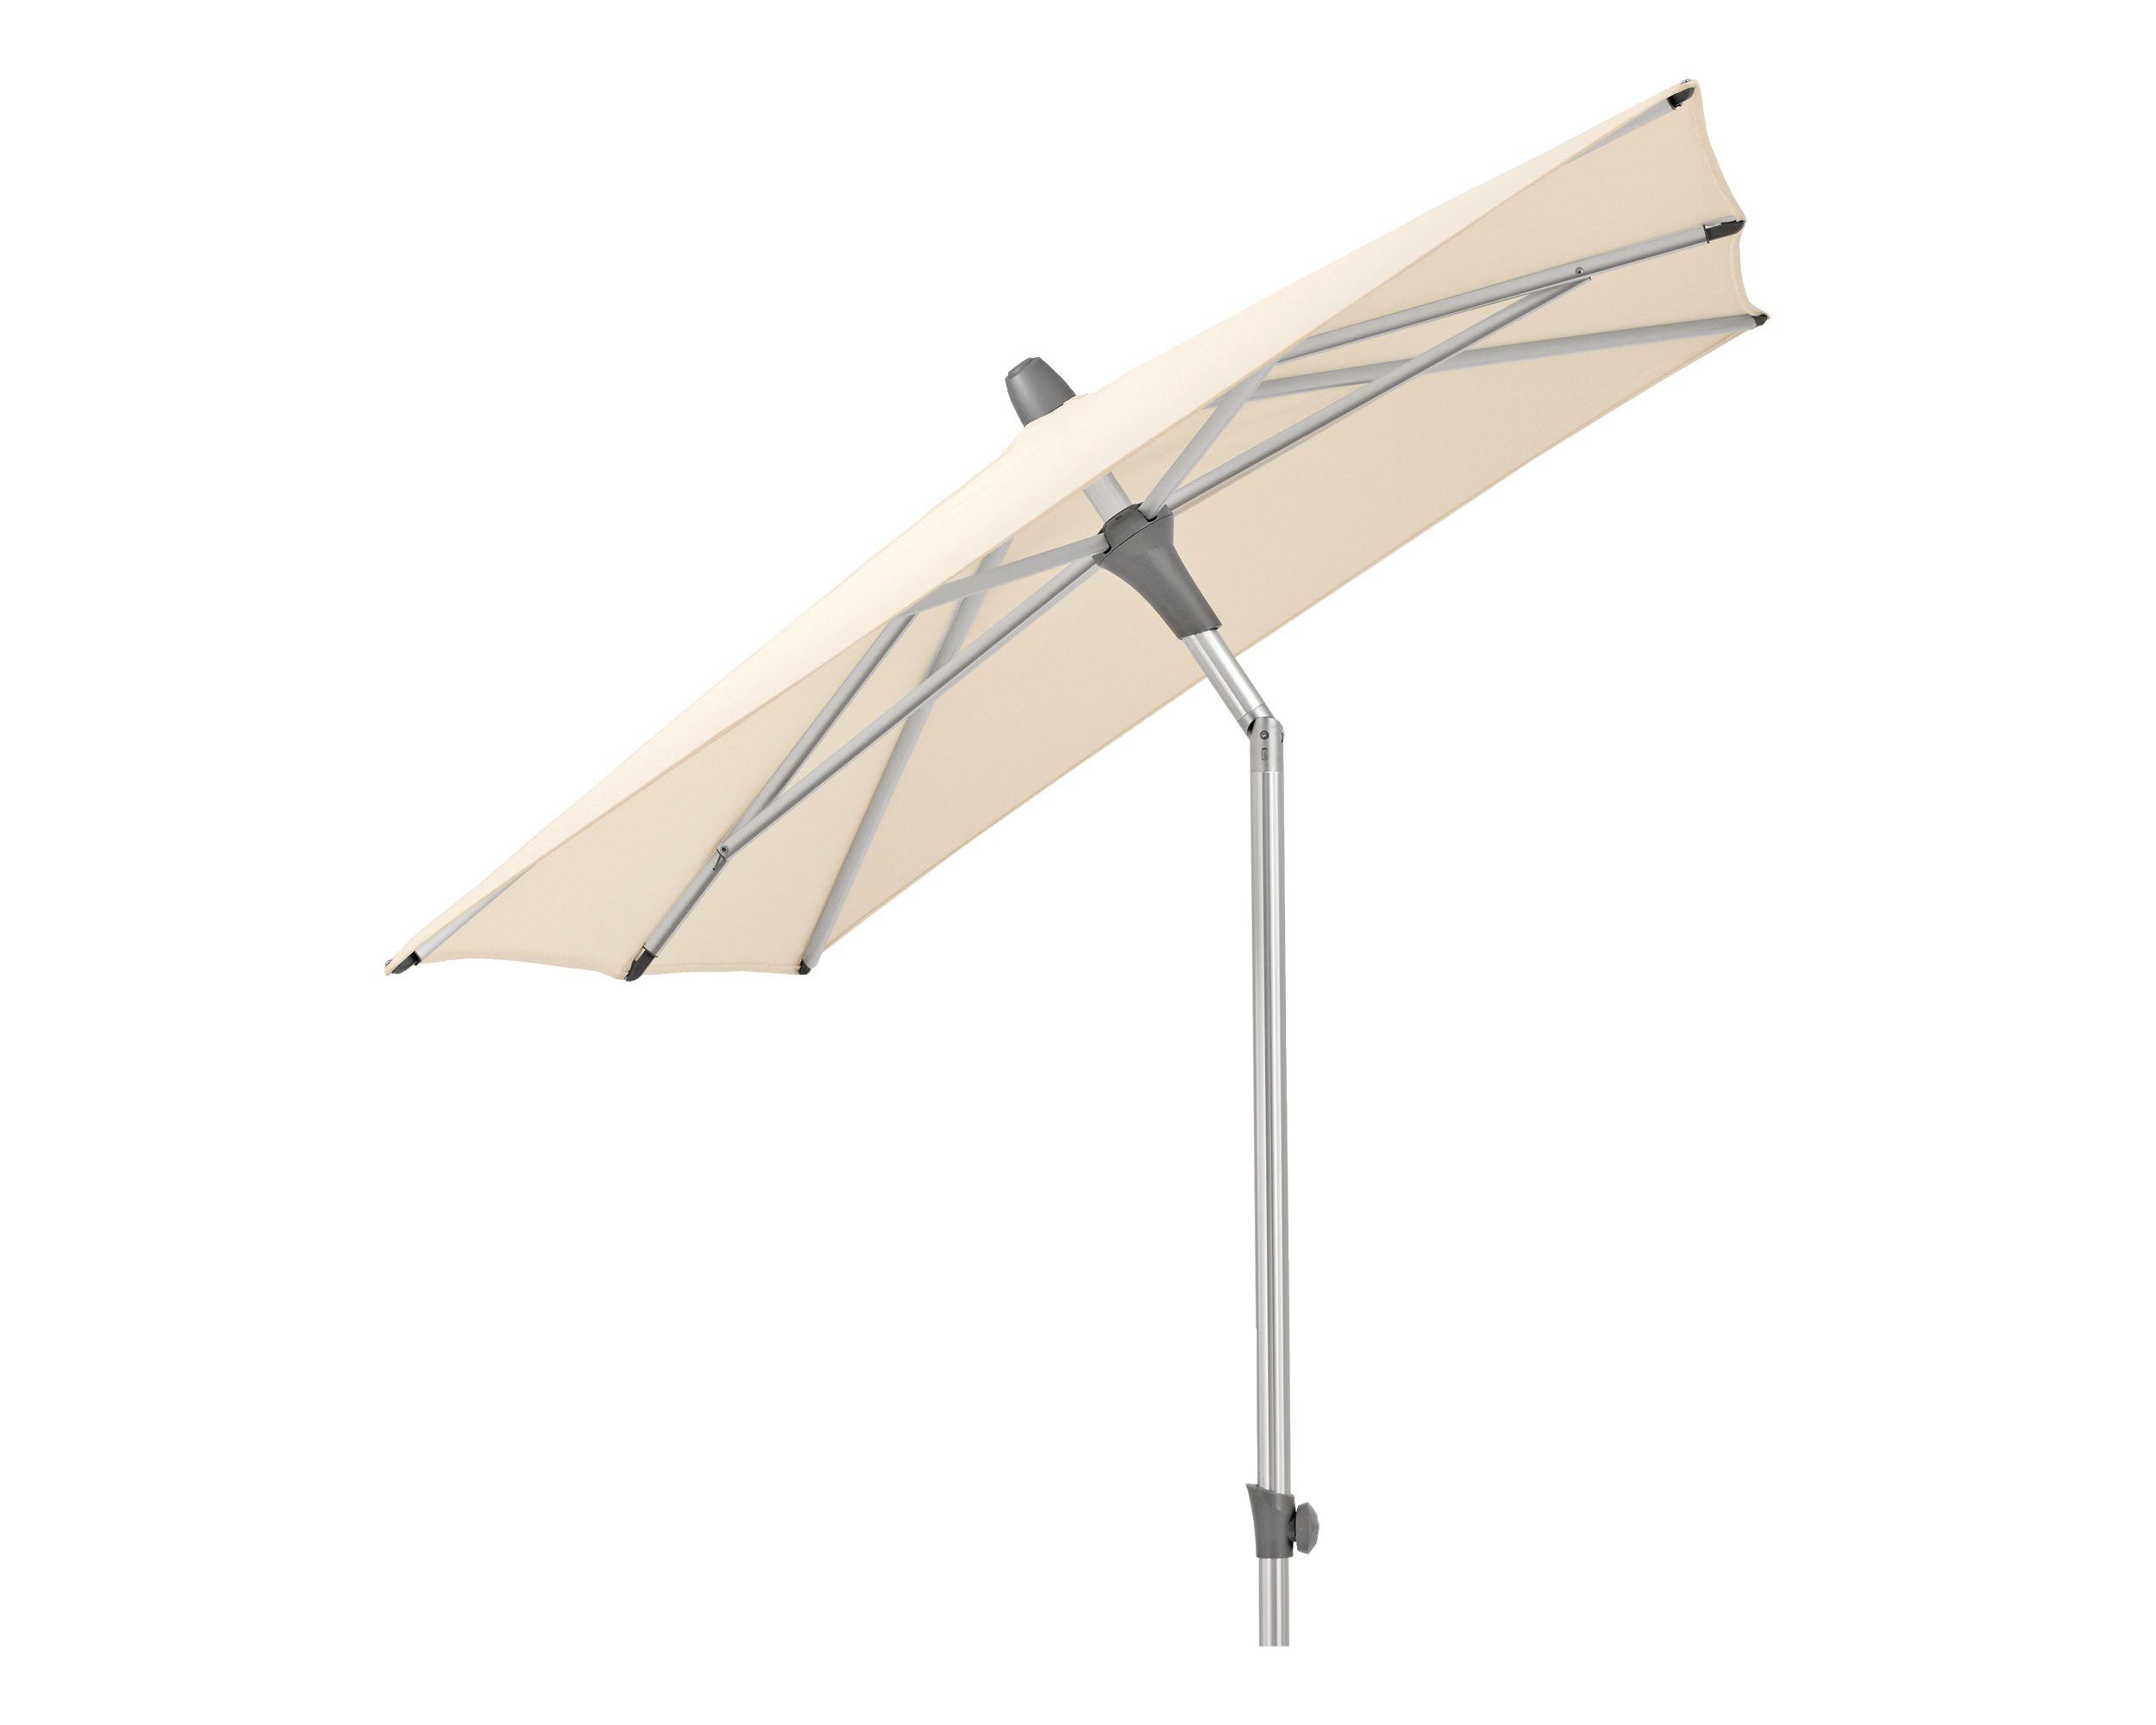 Sonnenschirm Alu-Smart easy, 210x150 cm